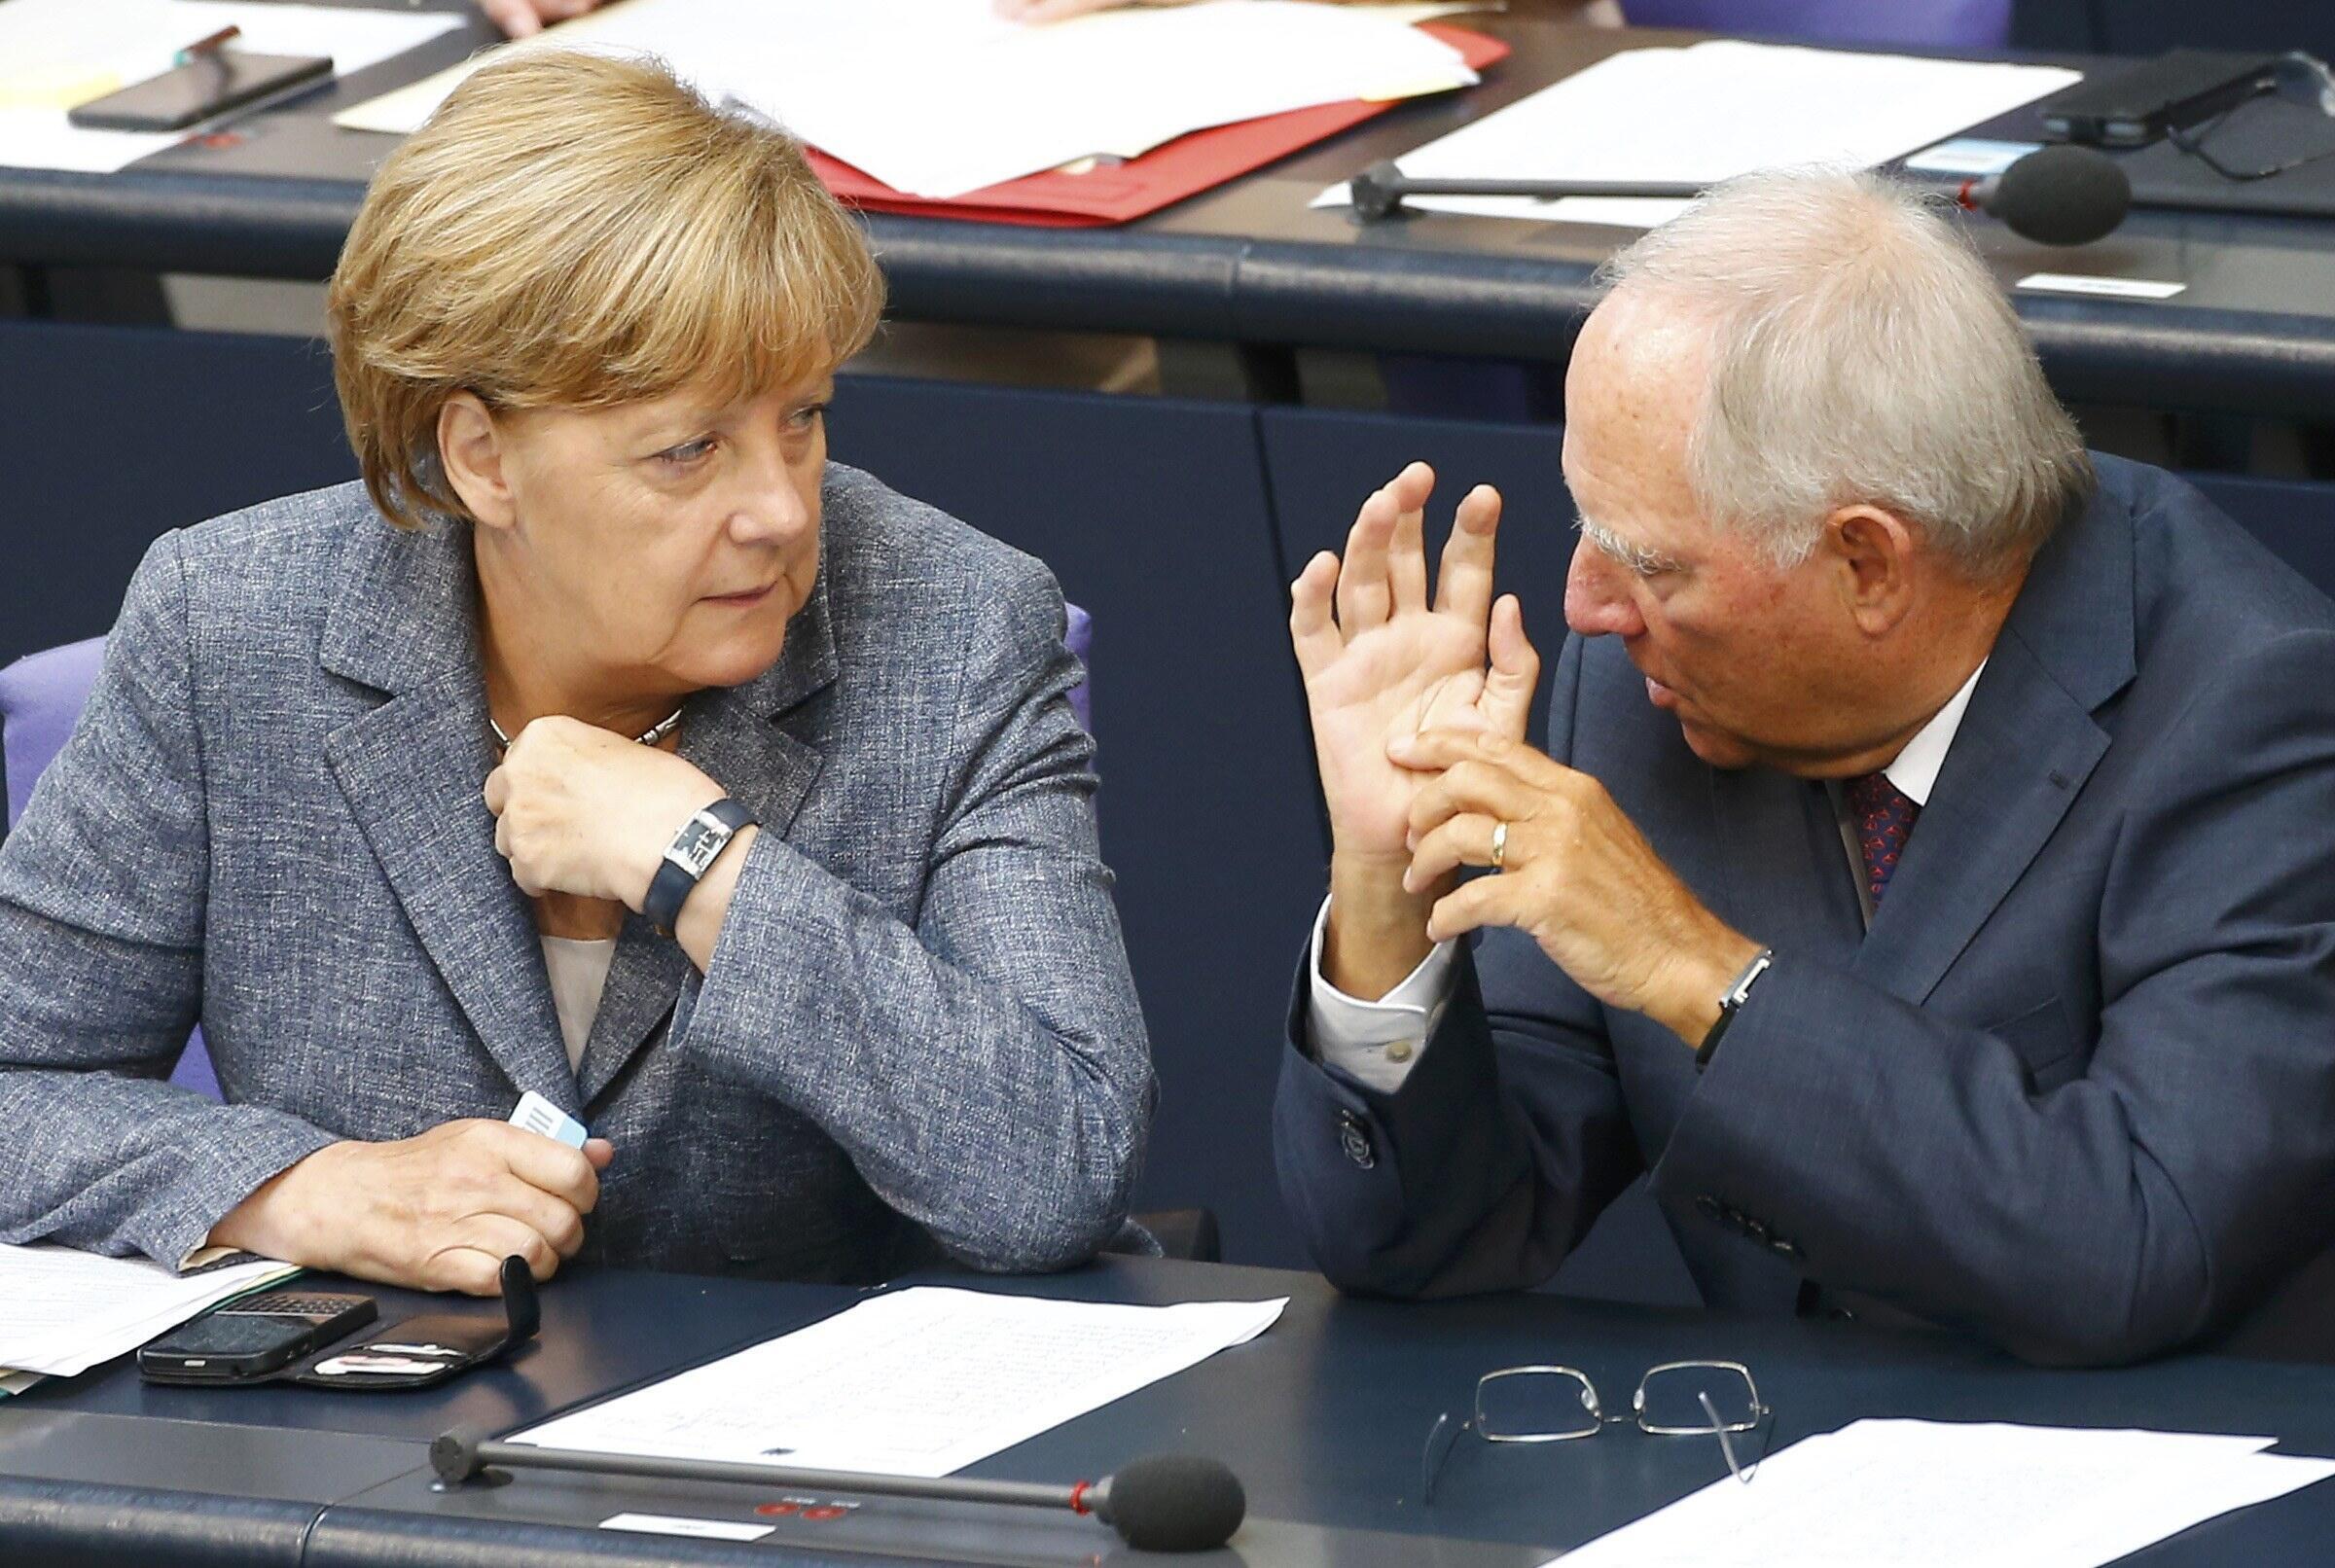 Канцлер Германии Ангела Меркель и министр финансов Вольфганг Шойбле на заседании Бундестага, 19 августа 2015.